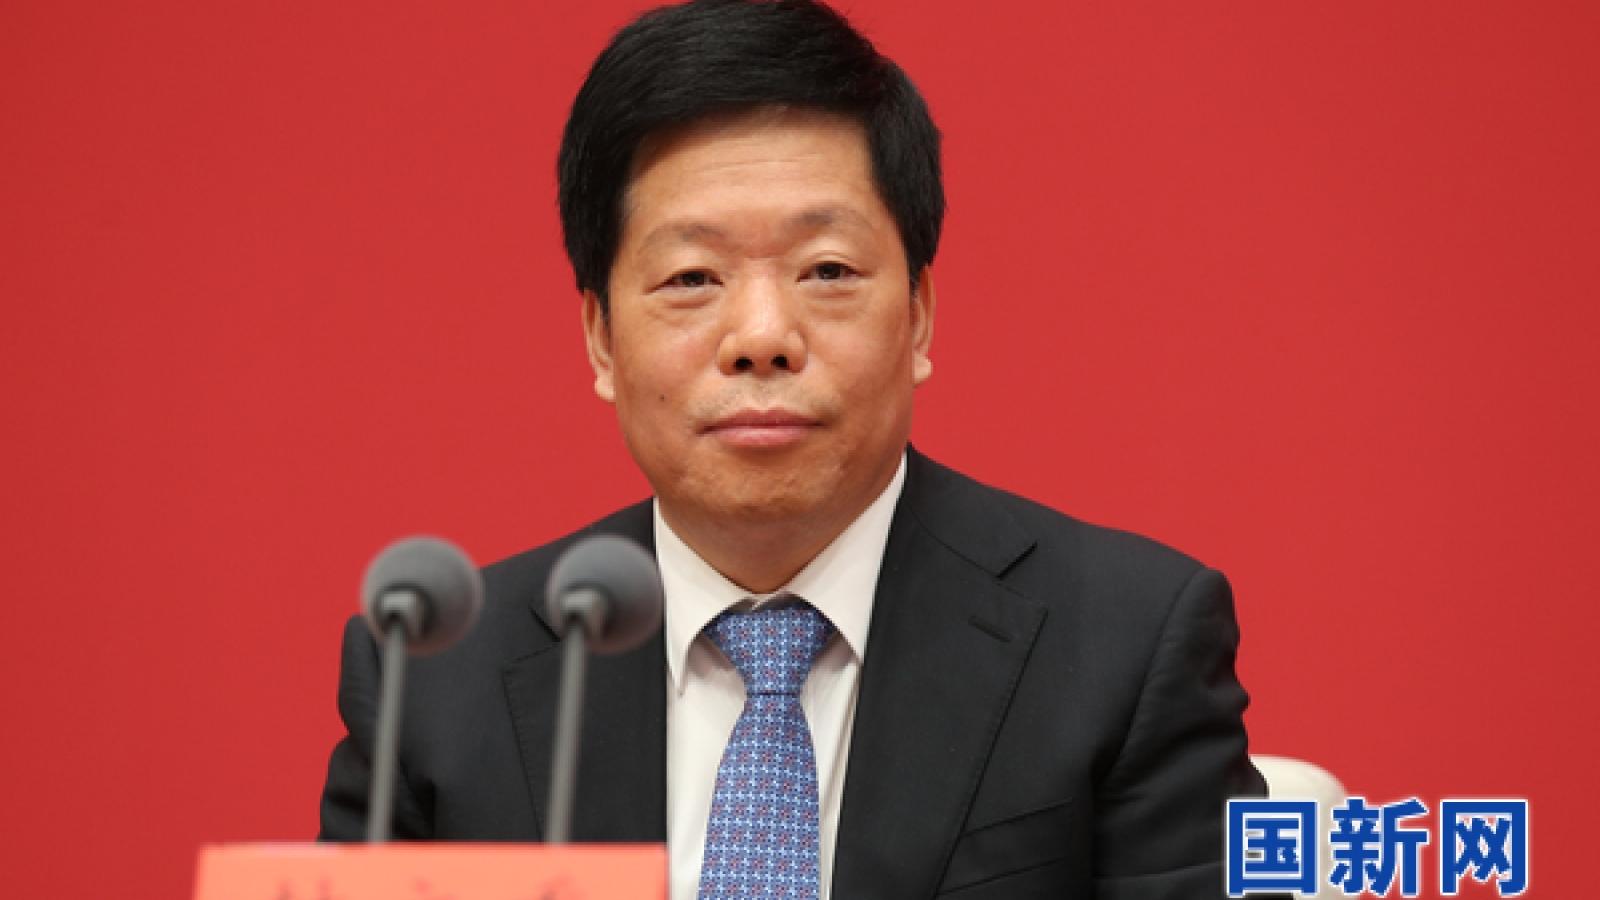 Trung Quốc đánh giá quan hệ với Mỹ là yếu tố quan trọng trong chiến lược phát triển